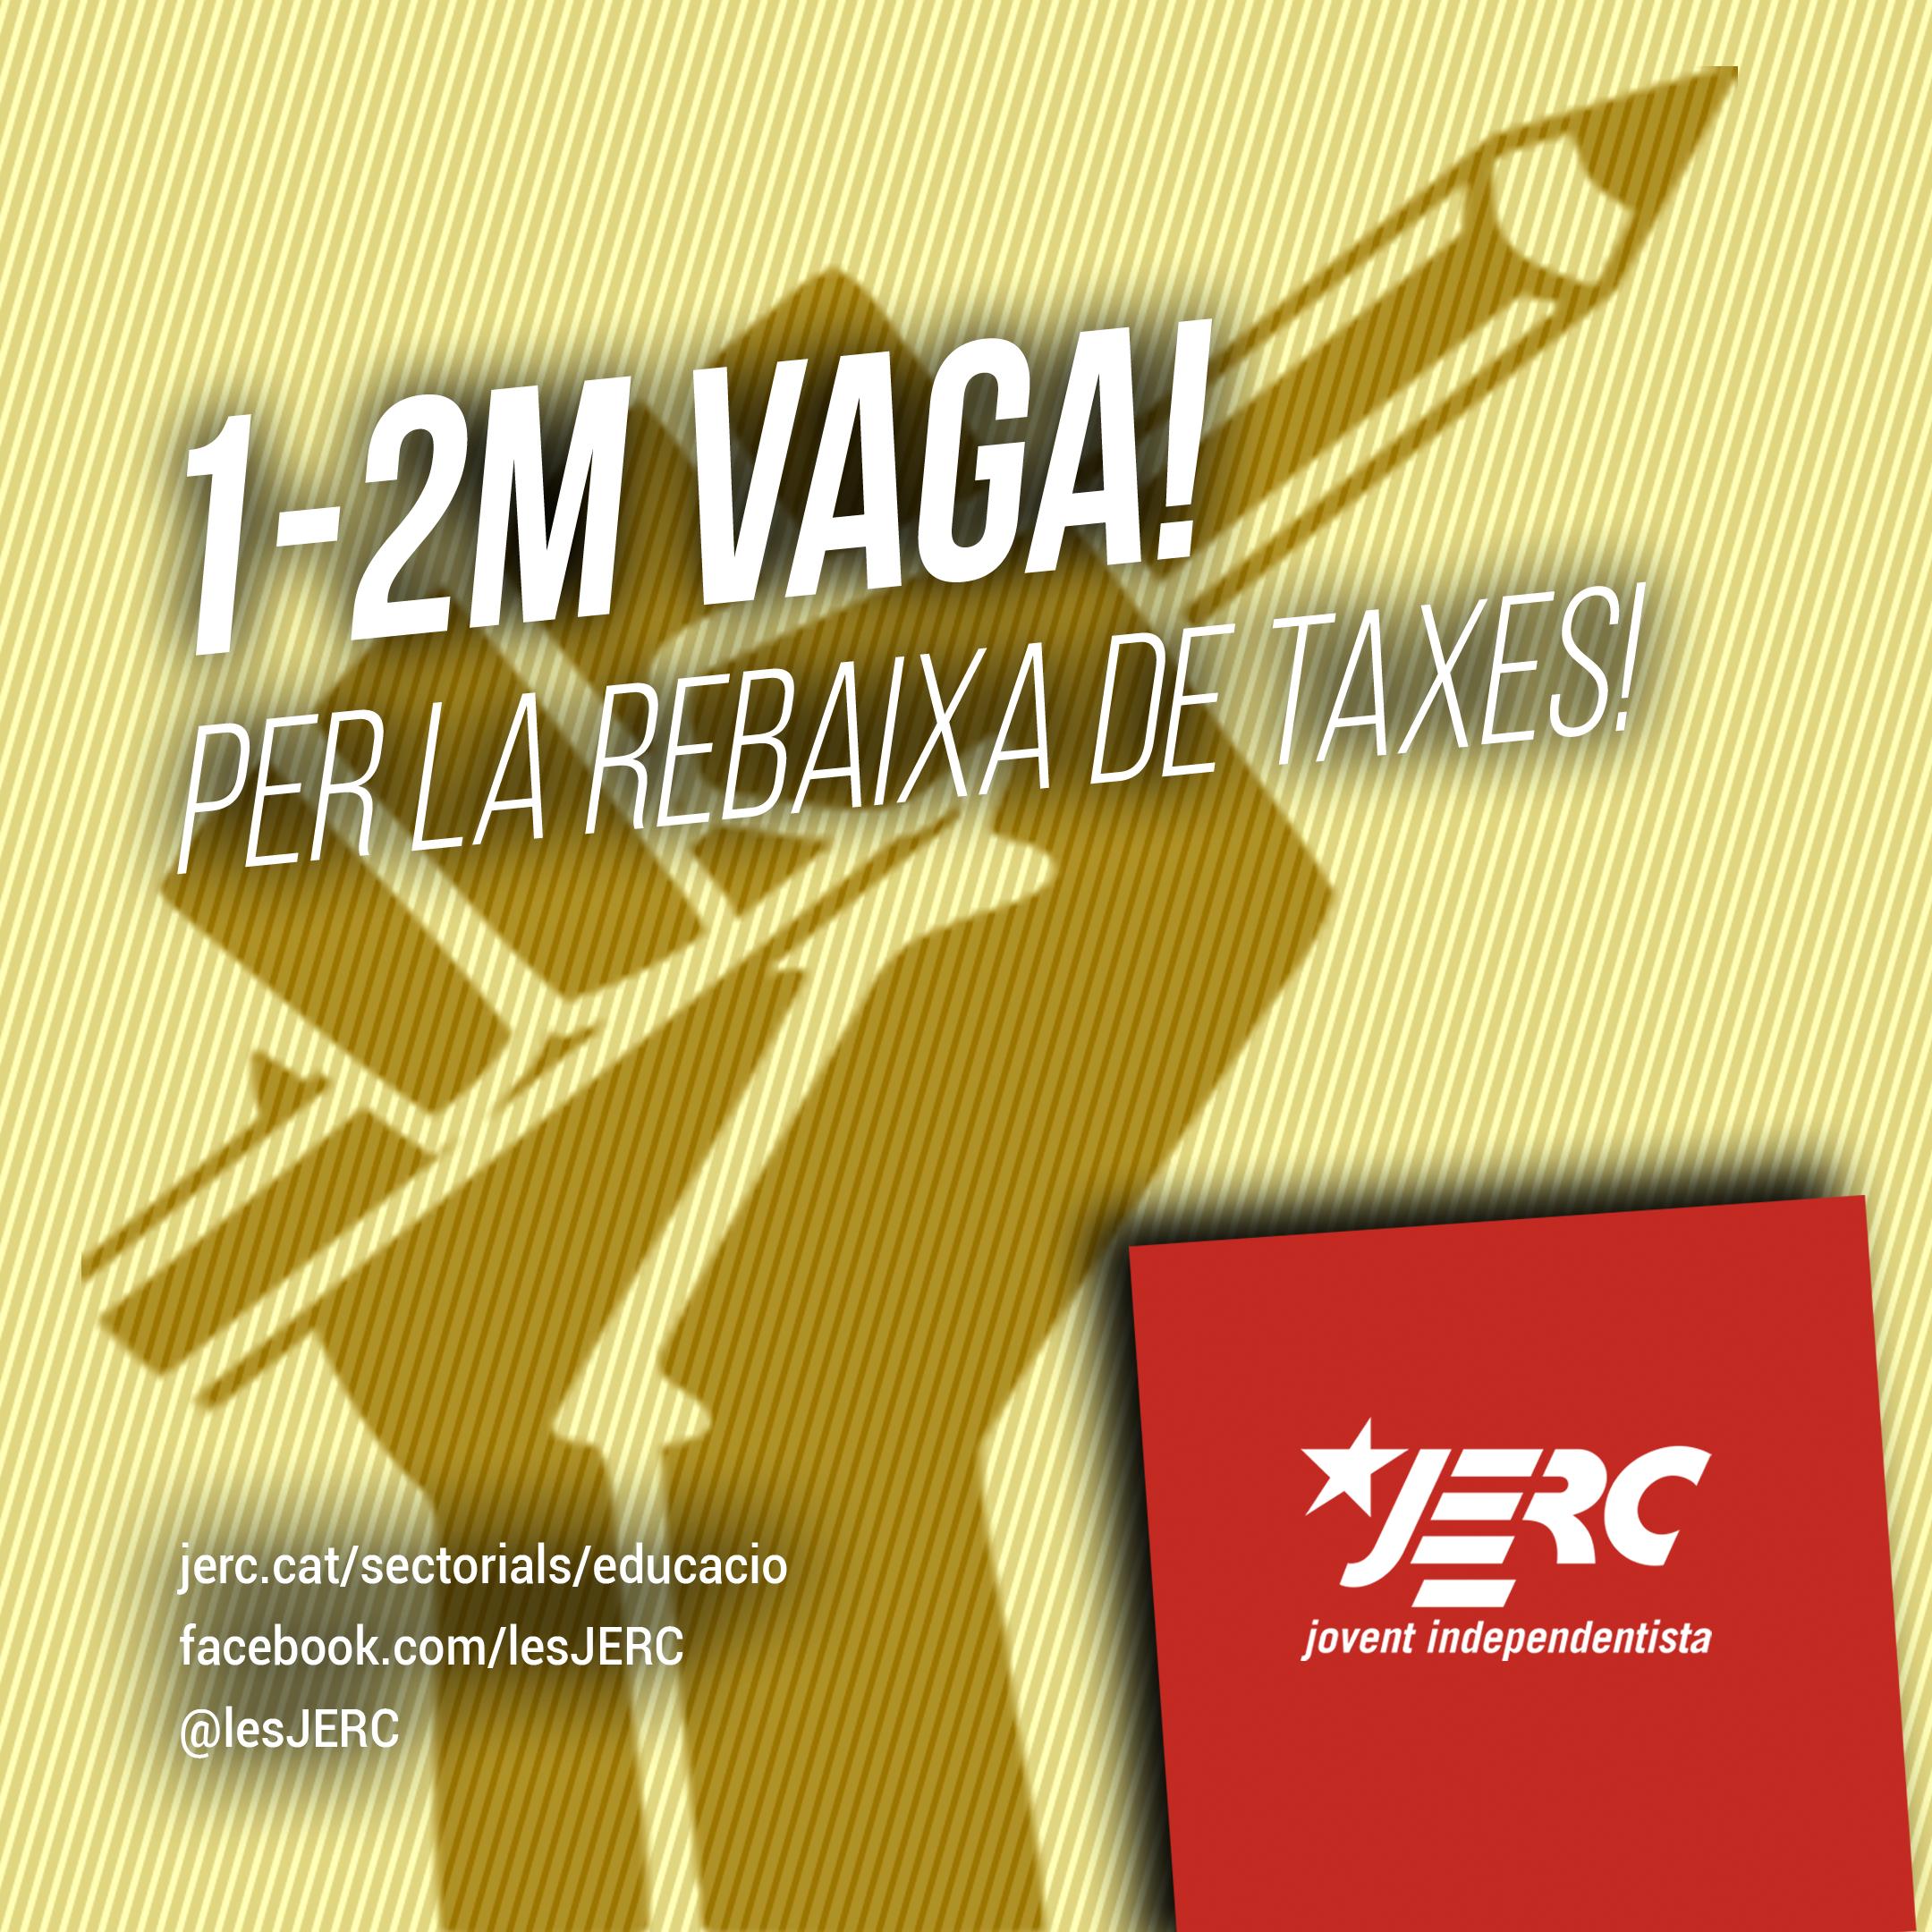 1-2M Vaga! Per la rebaixa de taxes!